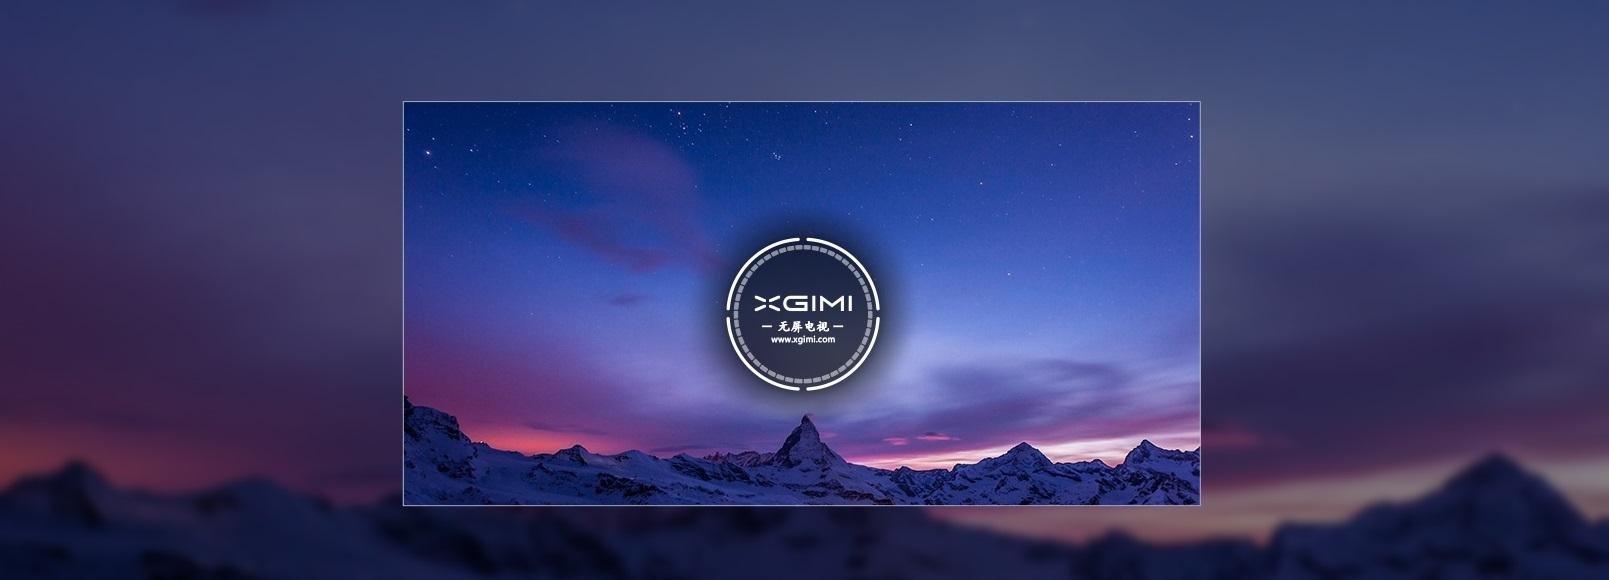 XGIMI Z6 Auto Focus